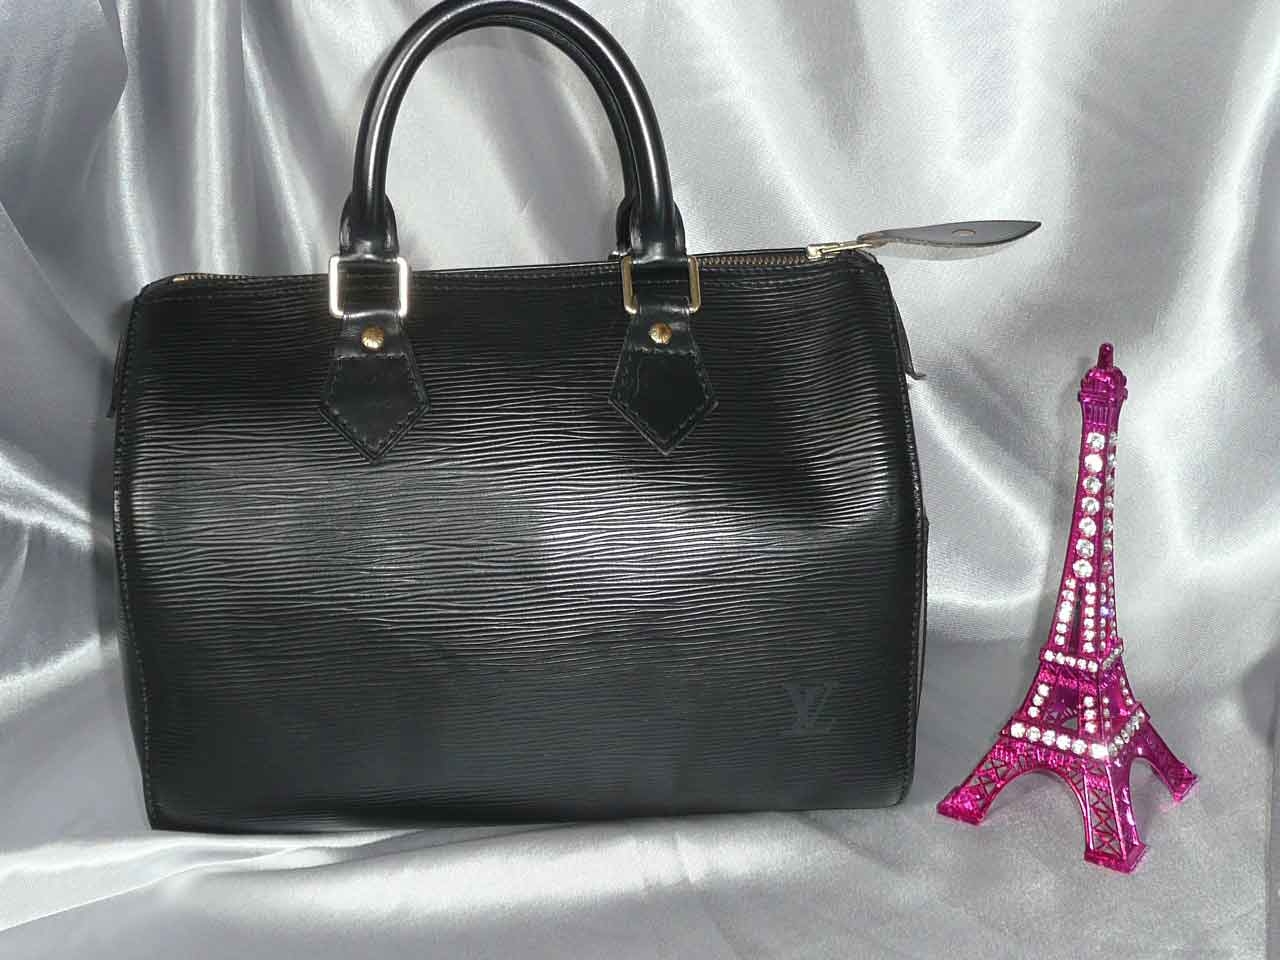 Sac Louis Vuitton Noir Cuir